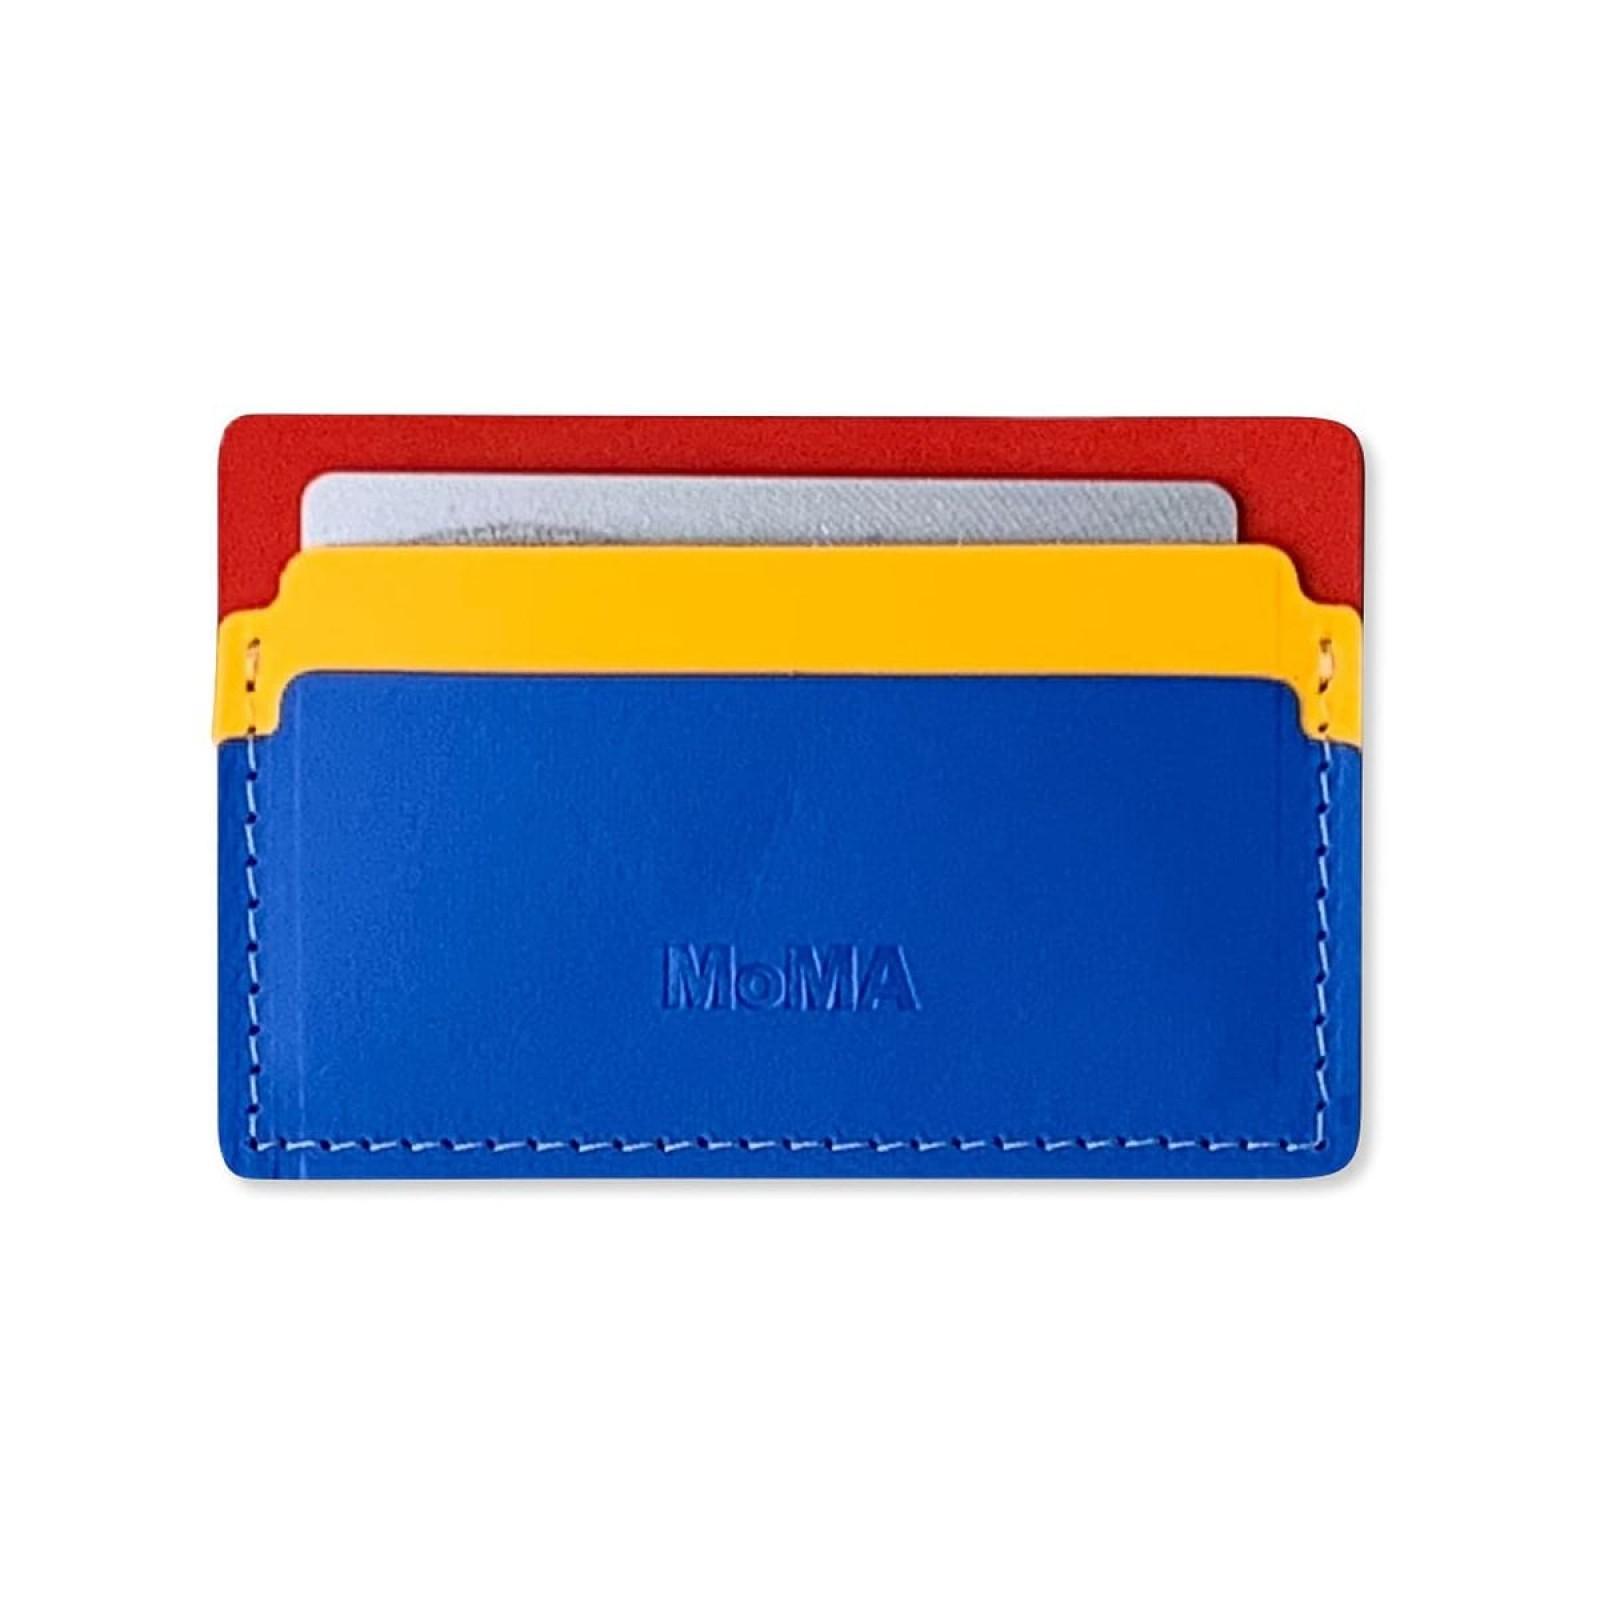 Θήκη Καρτών Primary Recycled Leather (Μπλε / Κόκκινο) - MoMa